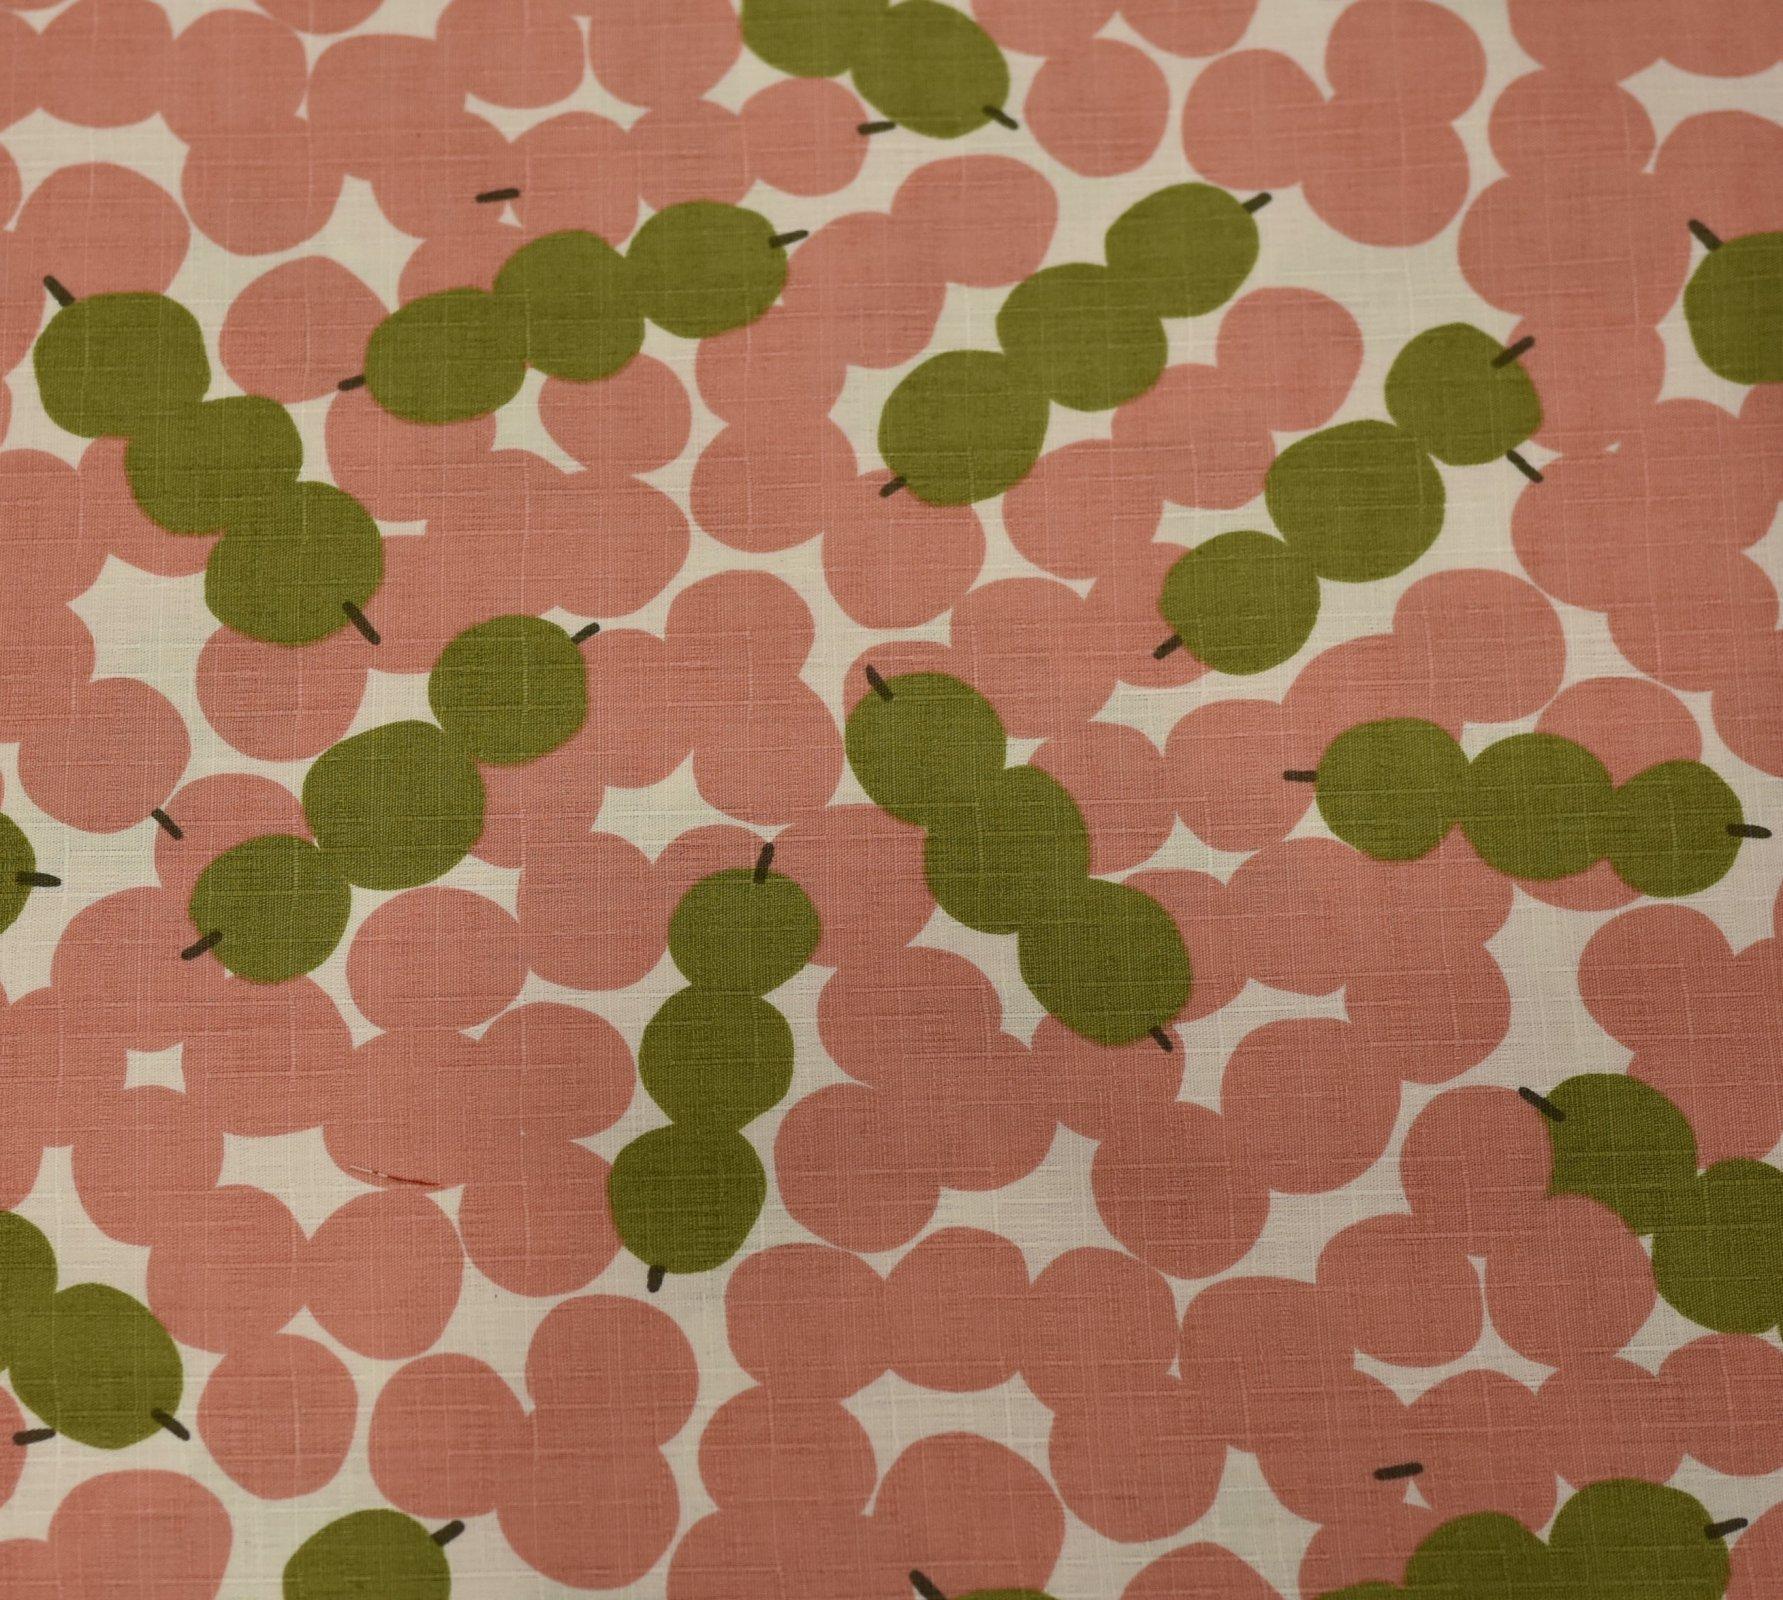 Hokkoh Fabric - Skewered Spots Pink